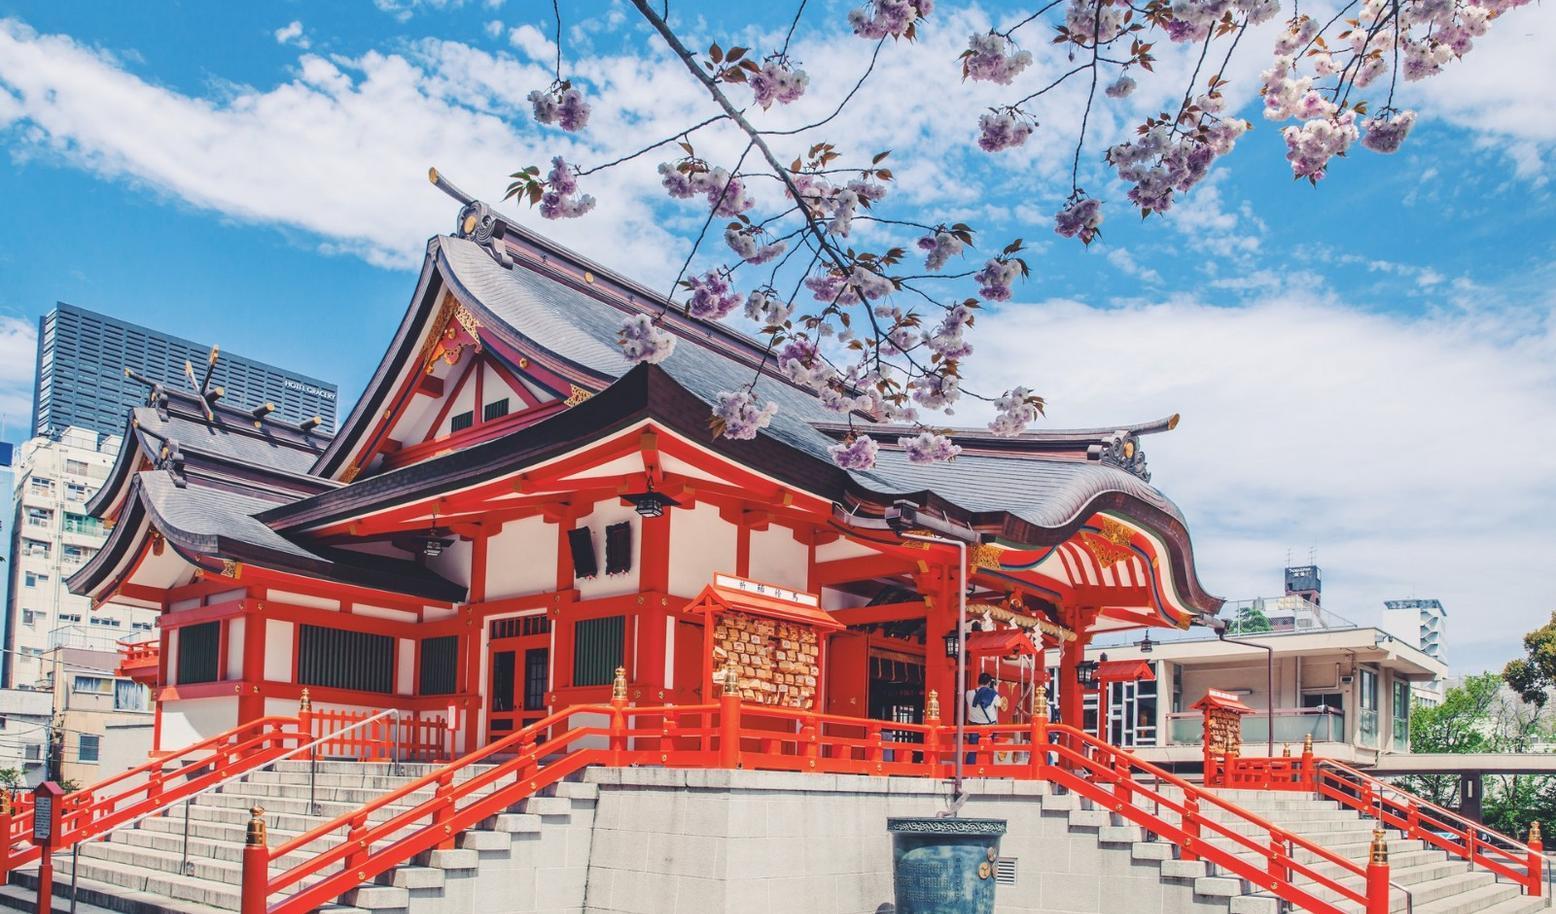 疫情致日本近万人失业:旅游、餐饮受影响最大